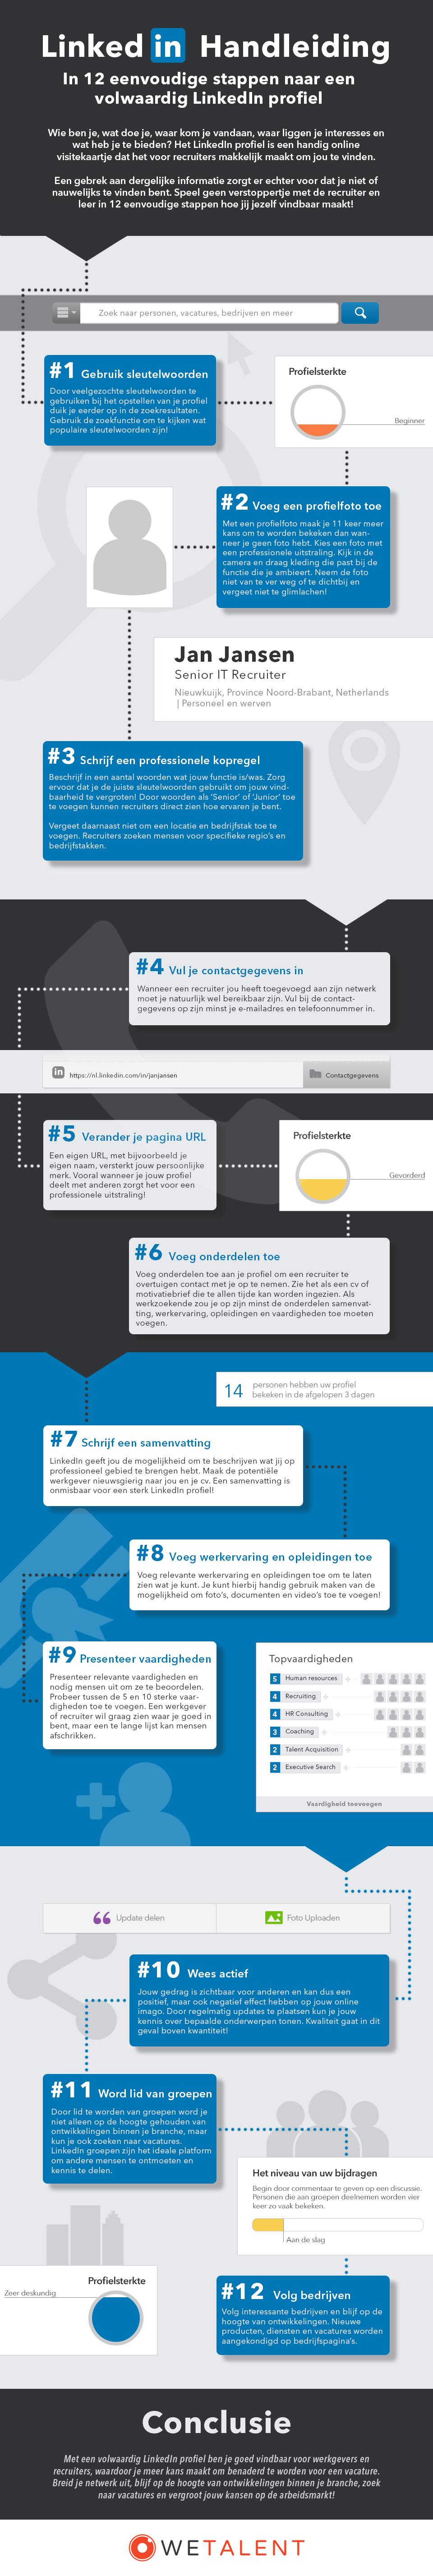 LinkedIn handleiding: In 12 eenvoudige stappen naar een volwaardig profiel